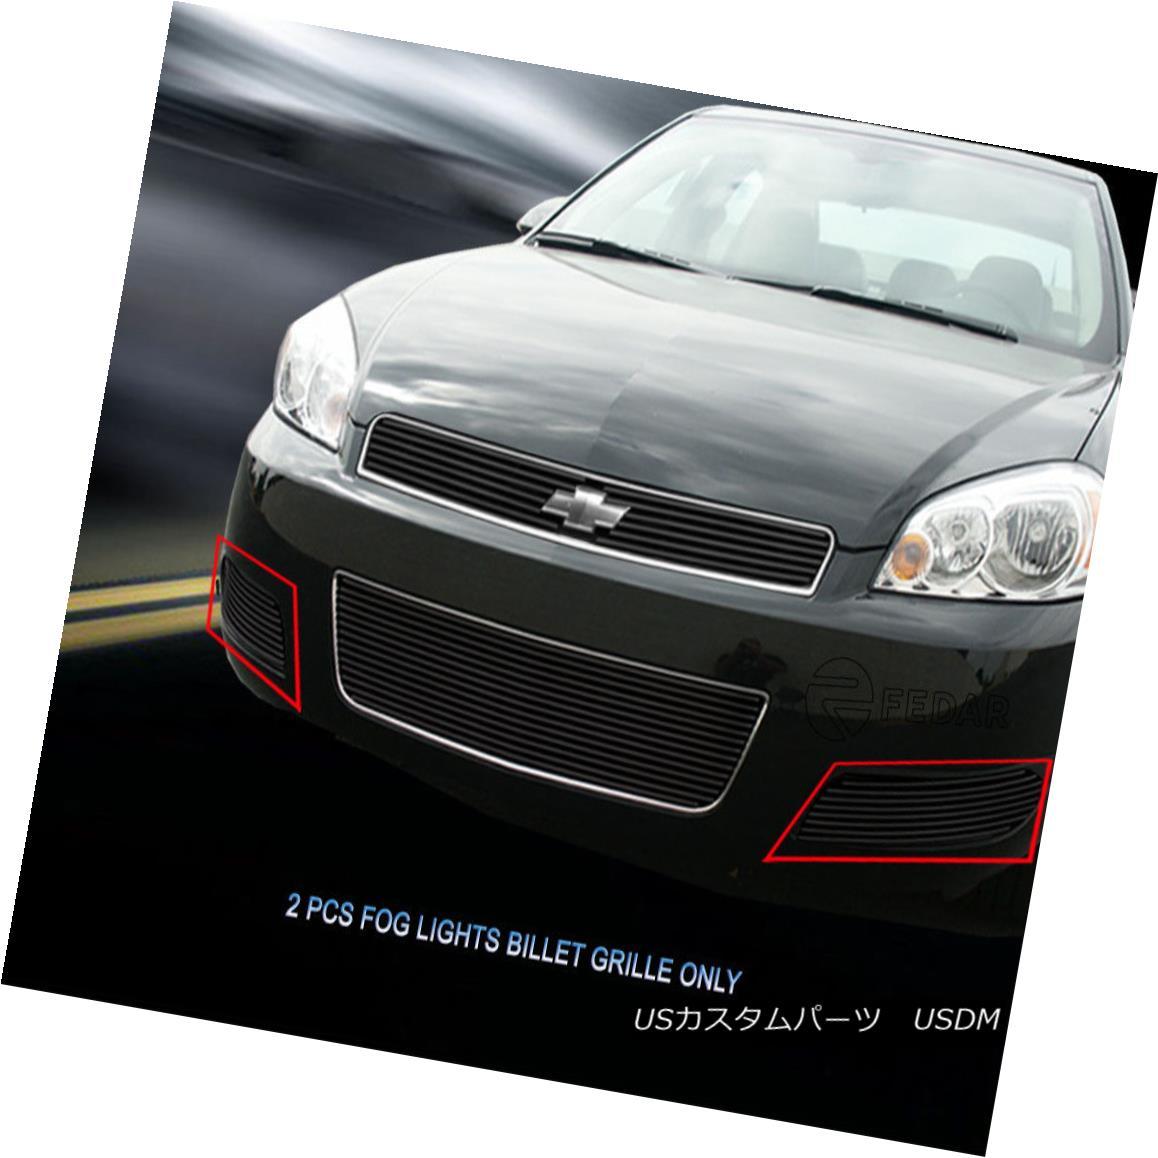 グリル For 06-13 Chevy Impala Black Bumper Billet Grille 2PCs Grill Insert Fedar 06-13シボレーインパラブラックバンパービレットグリル2PCsグリルインサートFedar